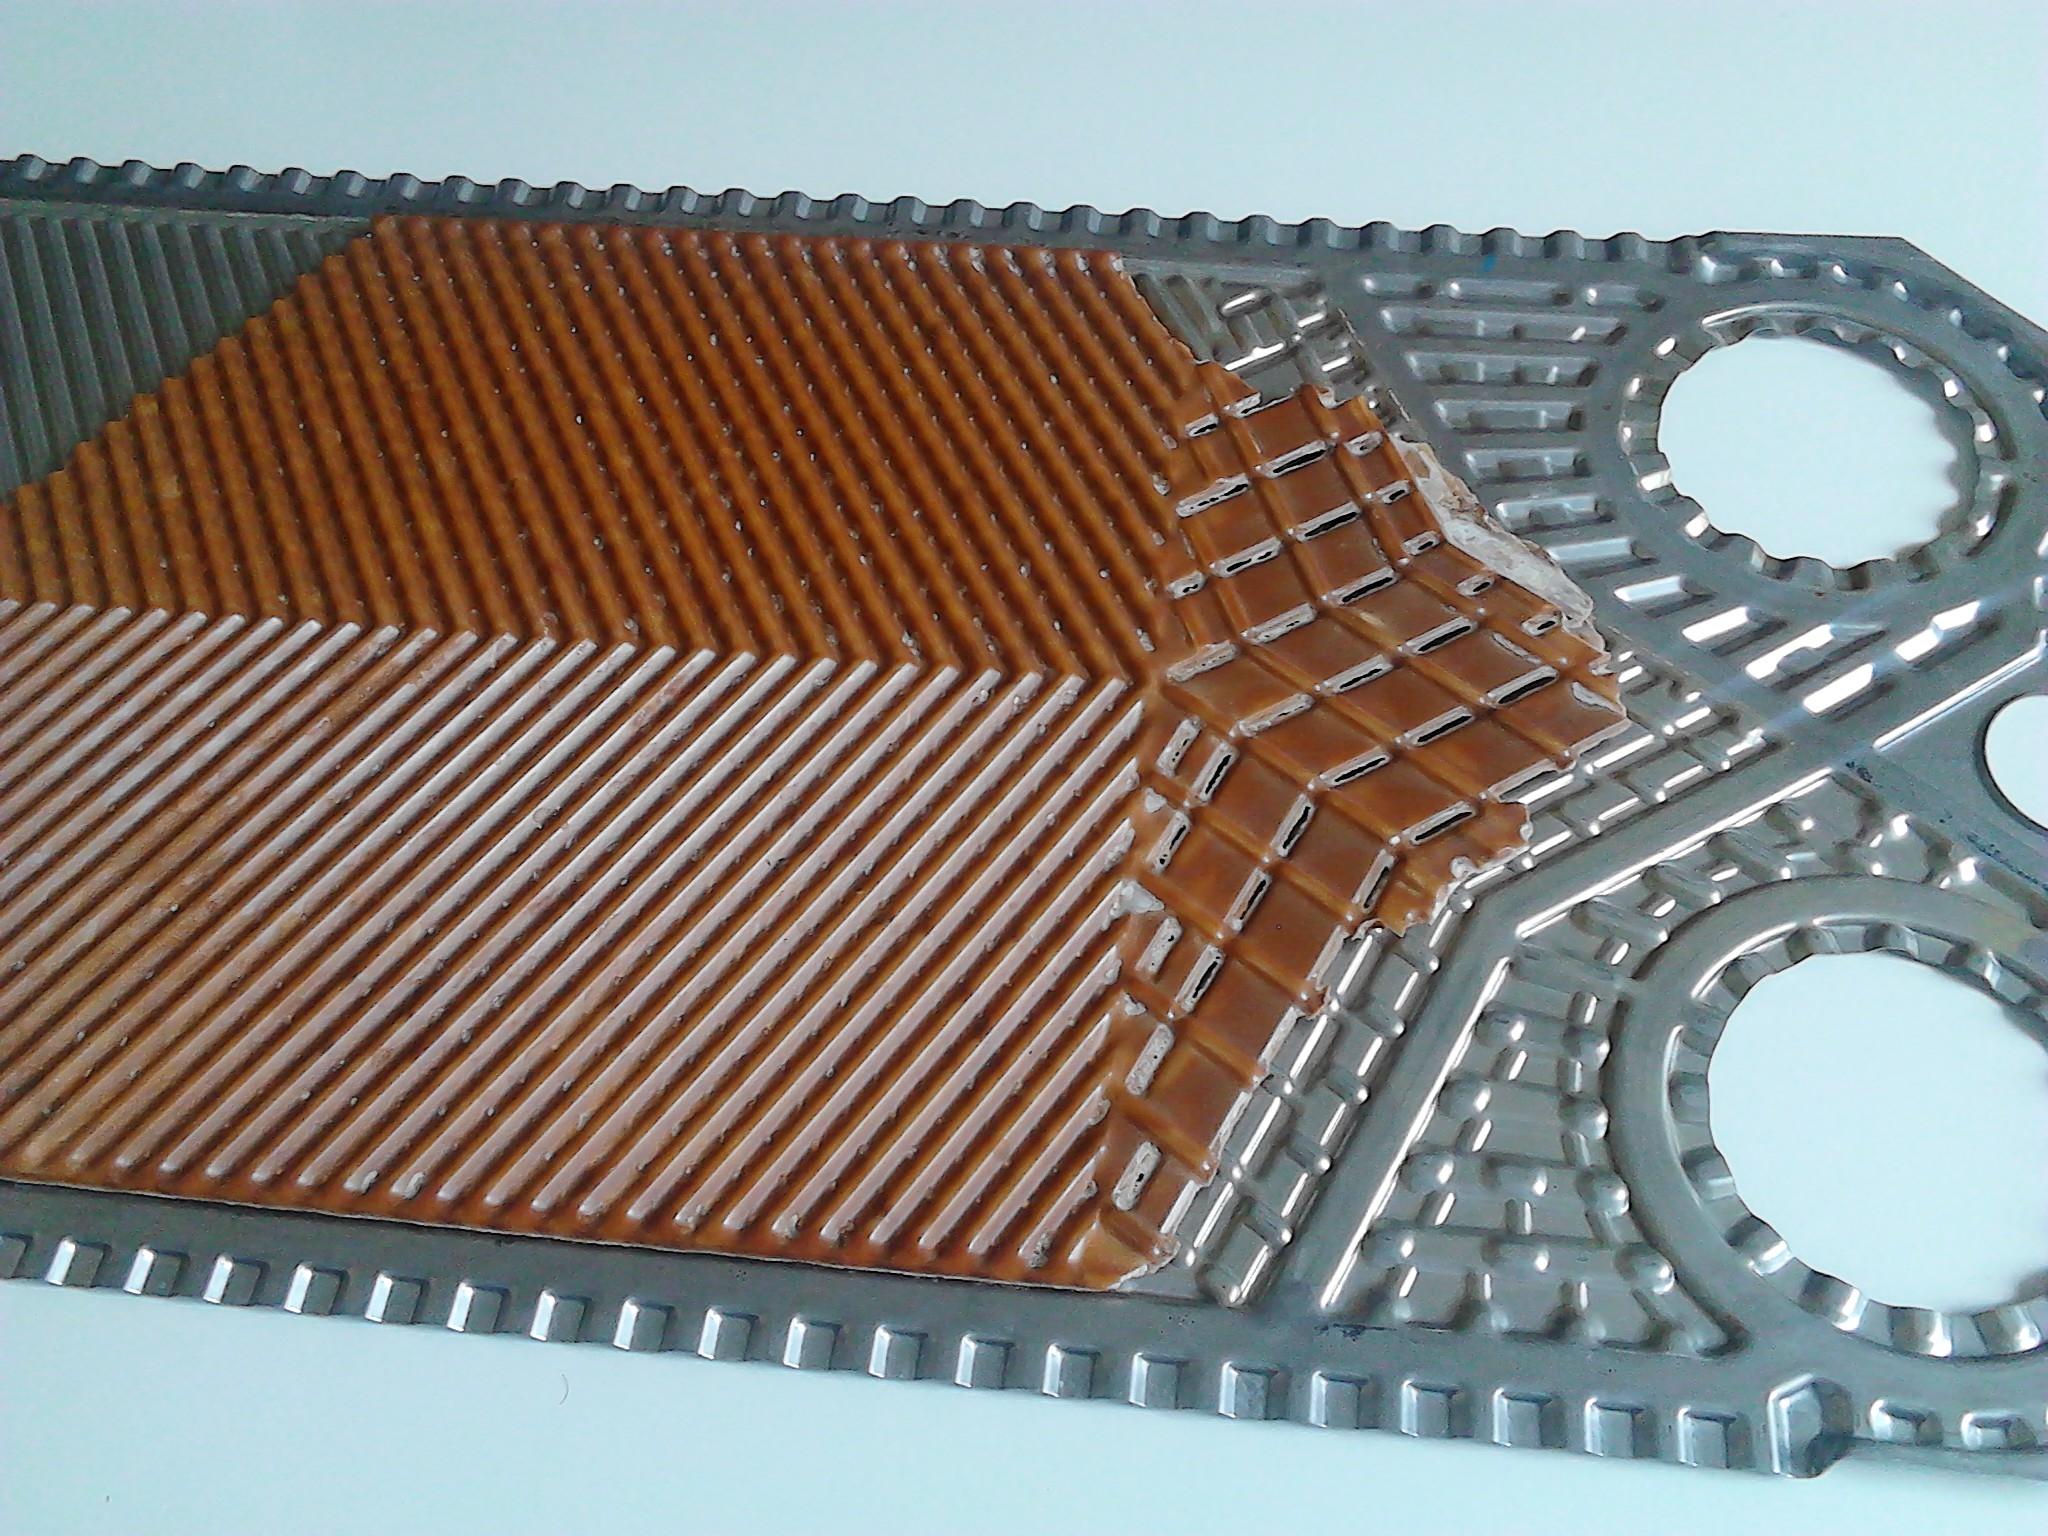 Produktübersicht - Crenano Ultrafiltration F. D. Gebäudetechnik